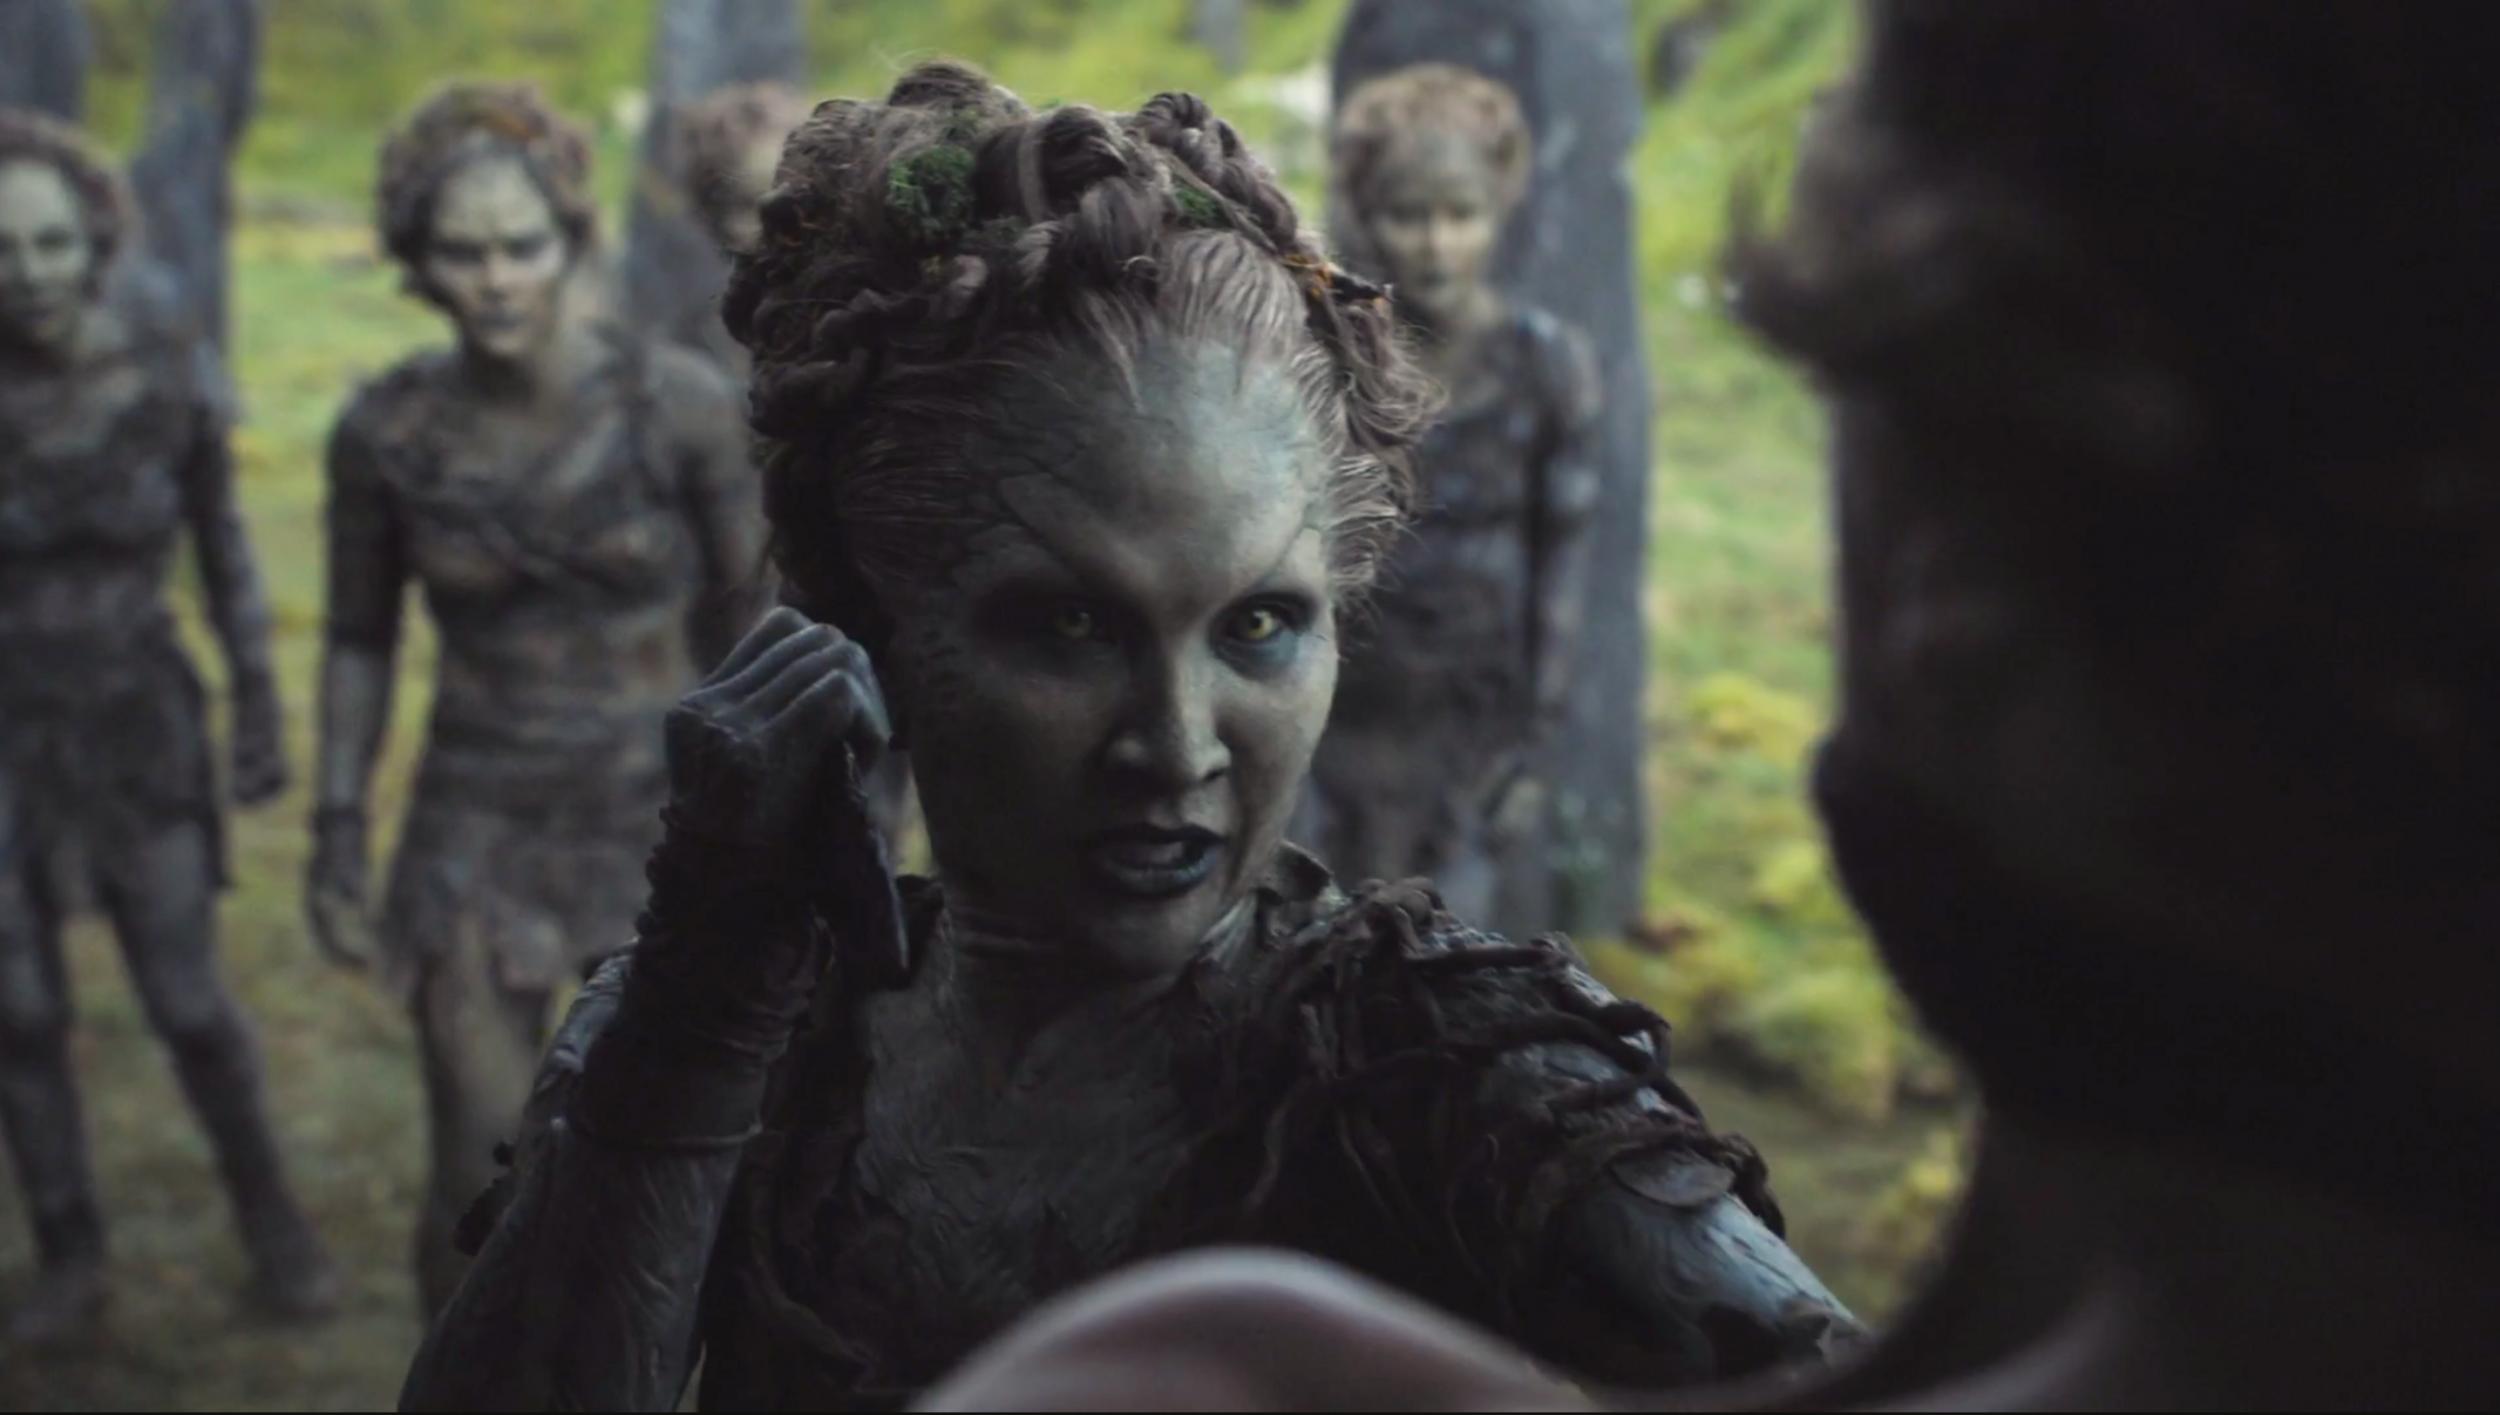 Game of Thrones season 8: Maisie Williams confirms Arya Stark to